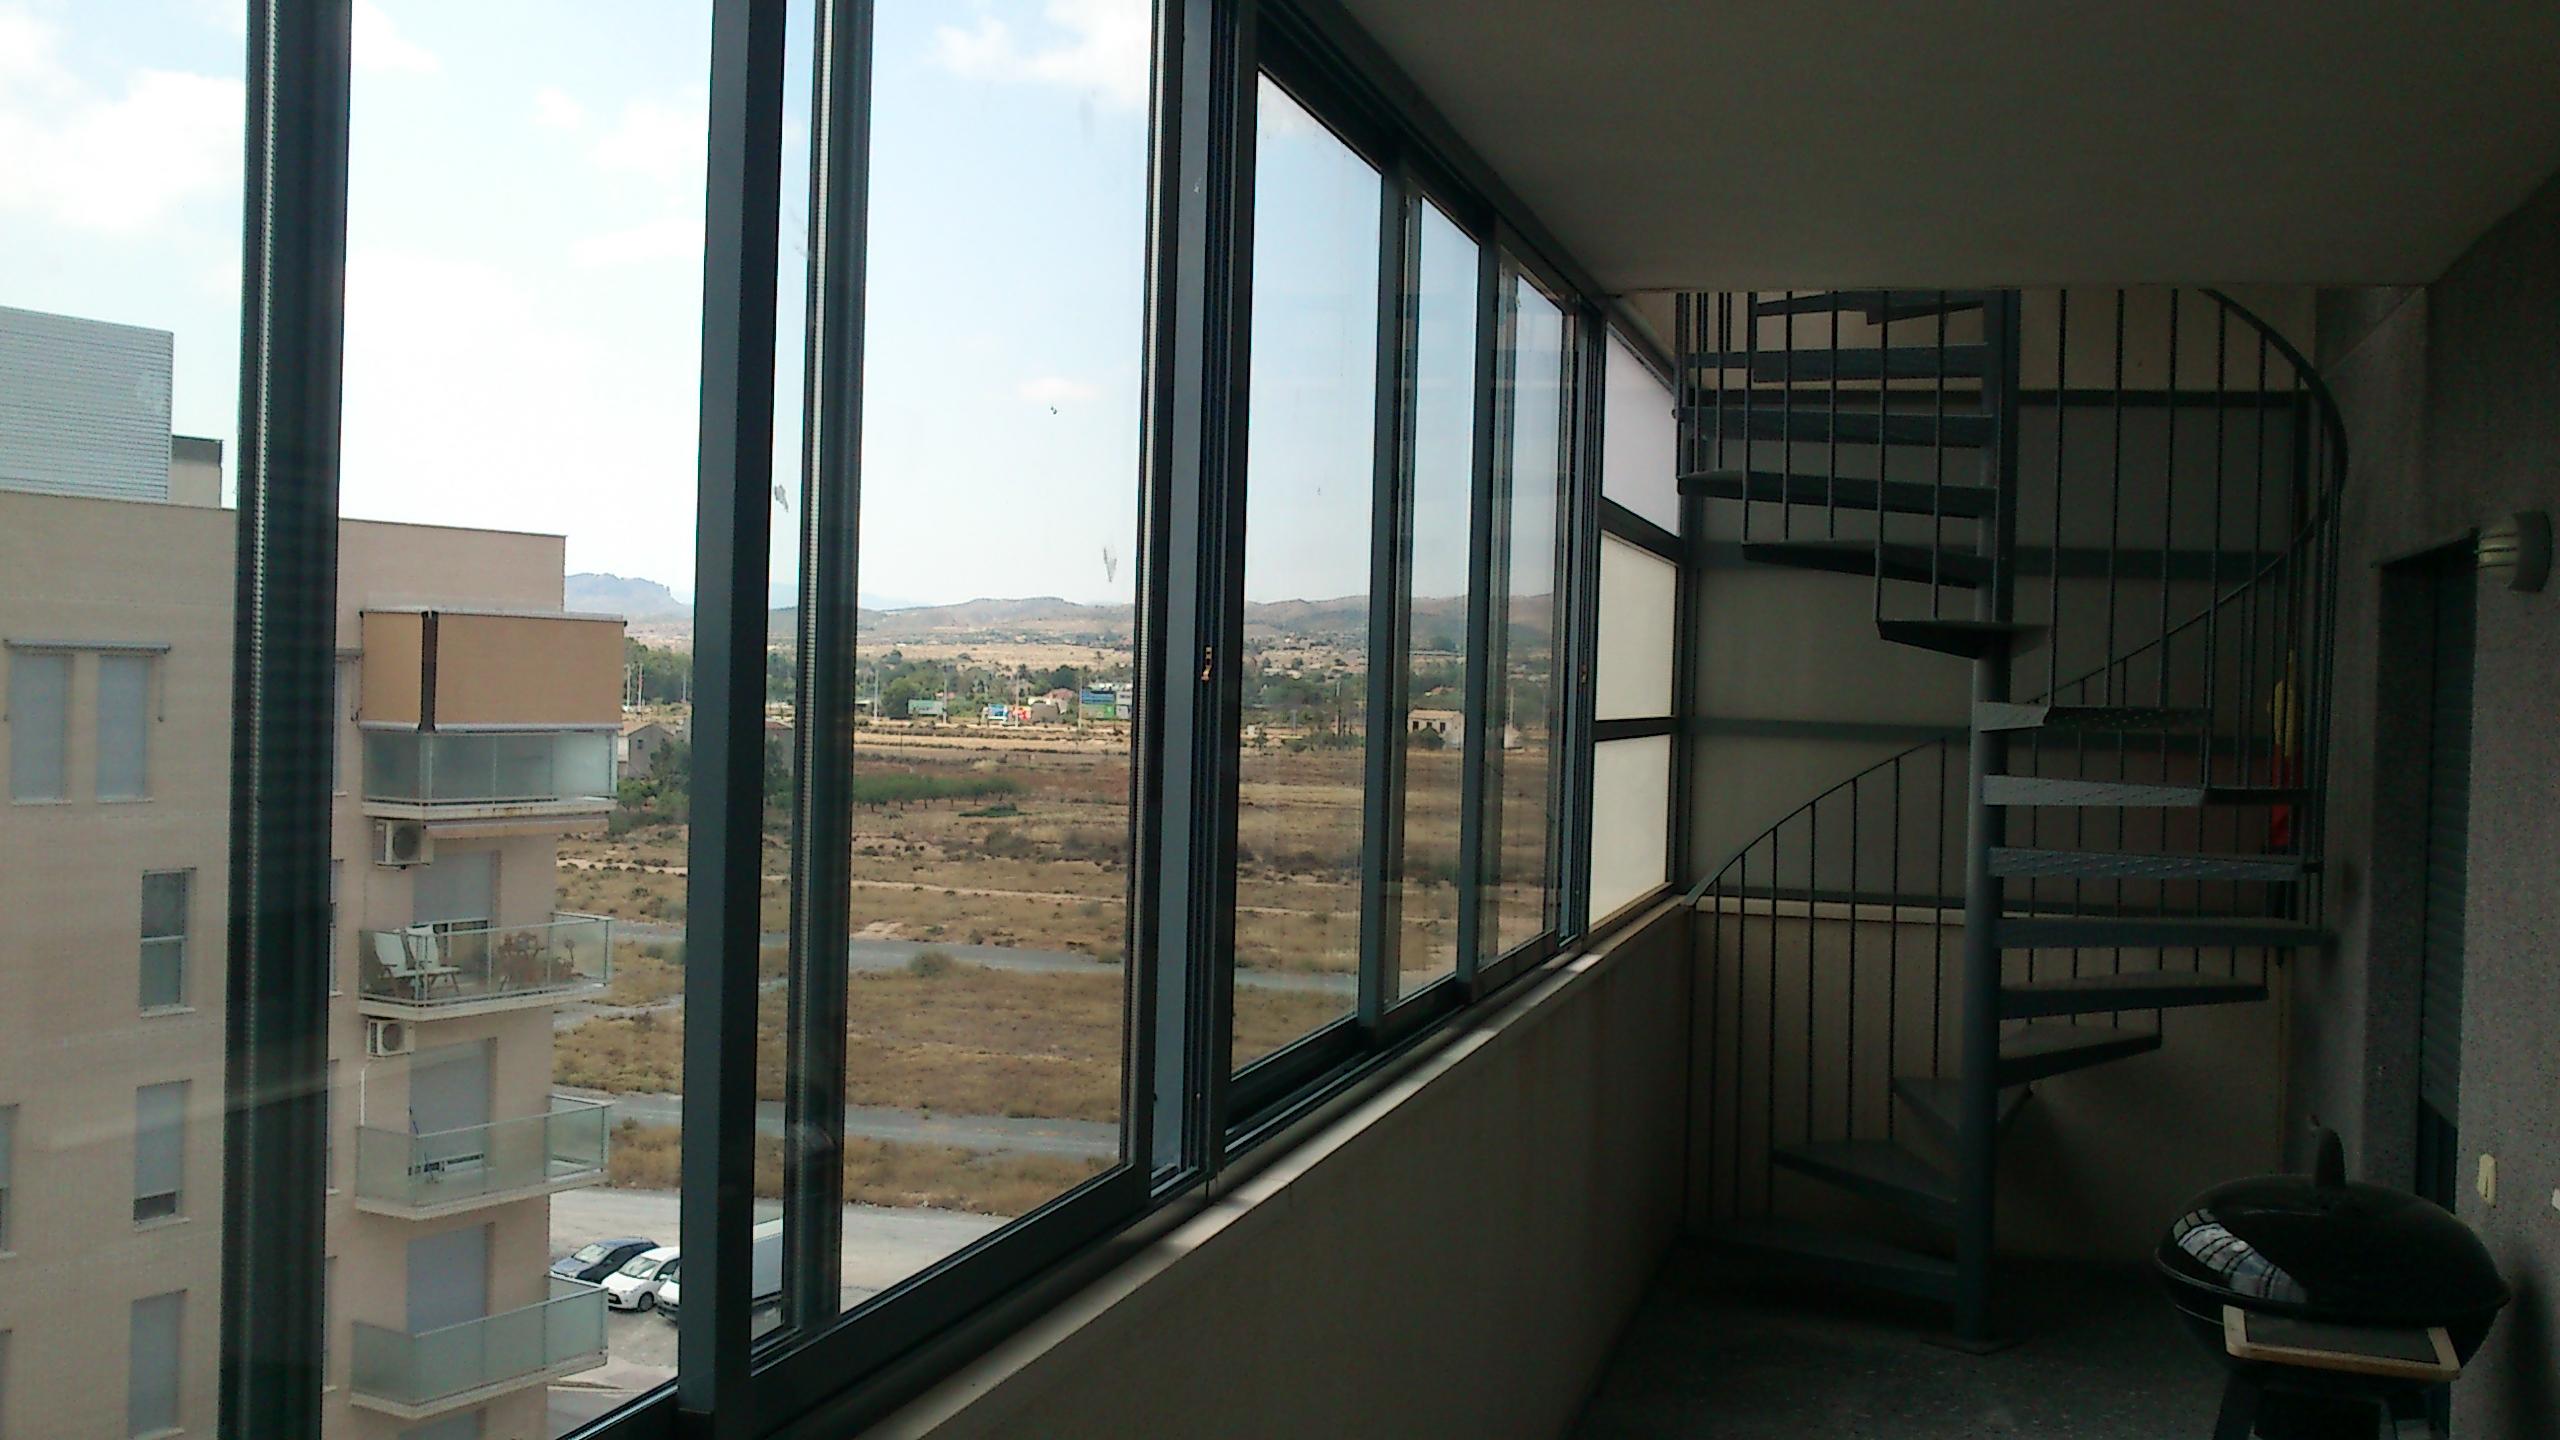 Cerramiento aluminio terraza y escalera ideas for Cerramiento aluminio terraza